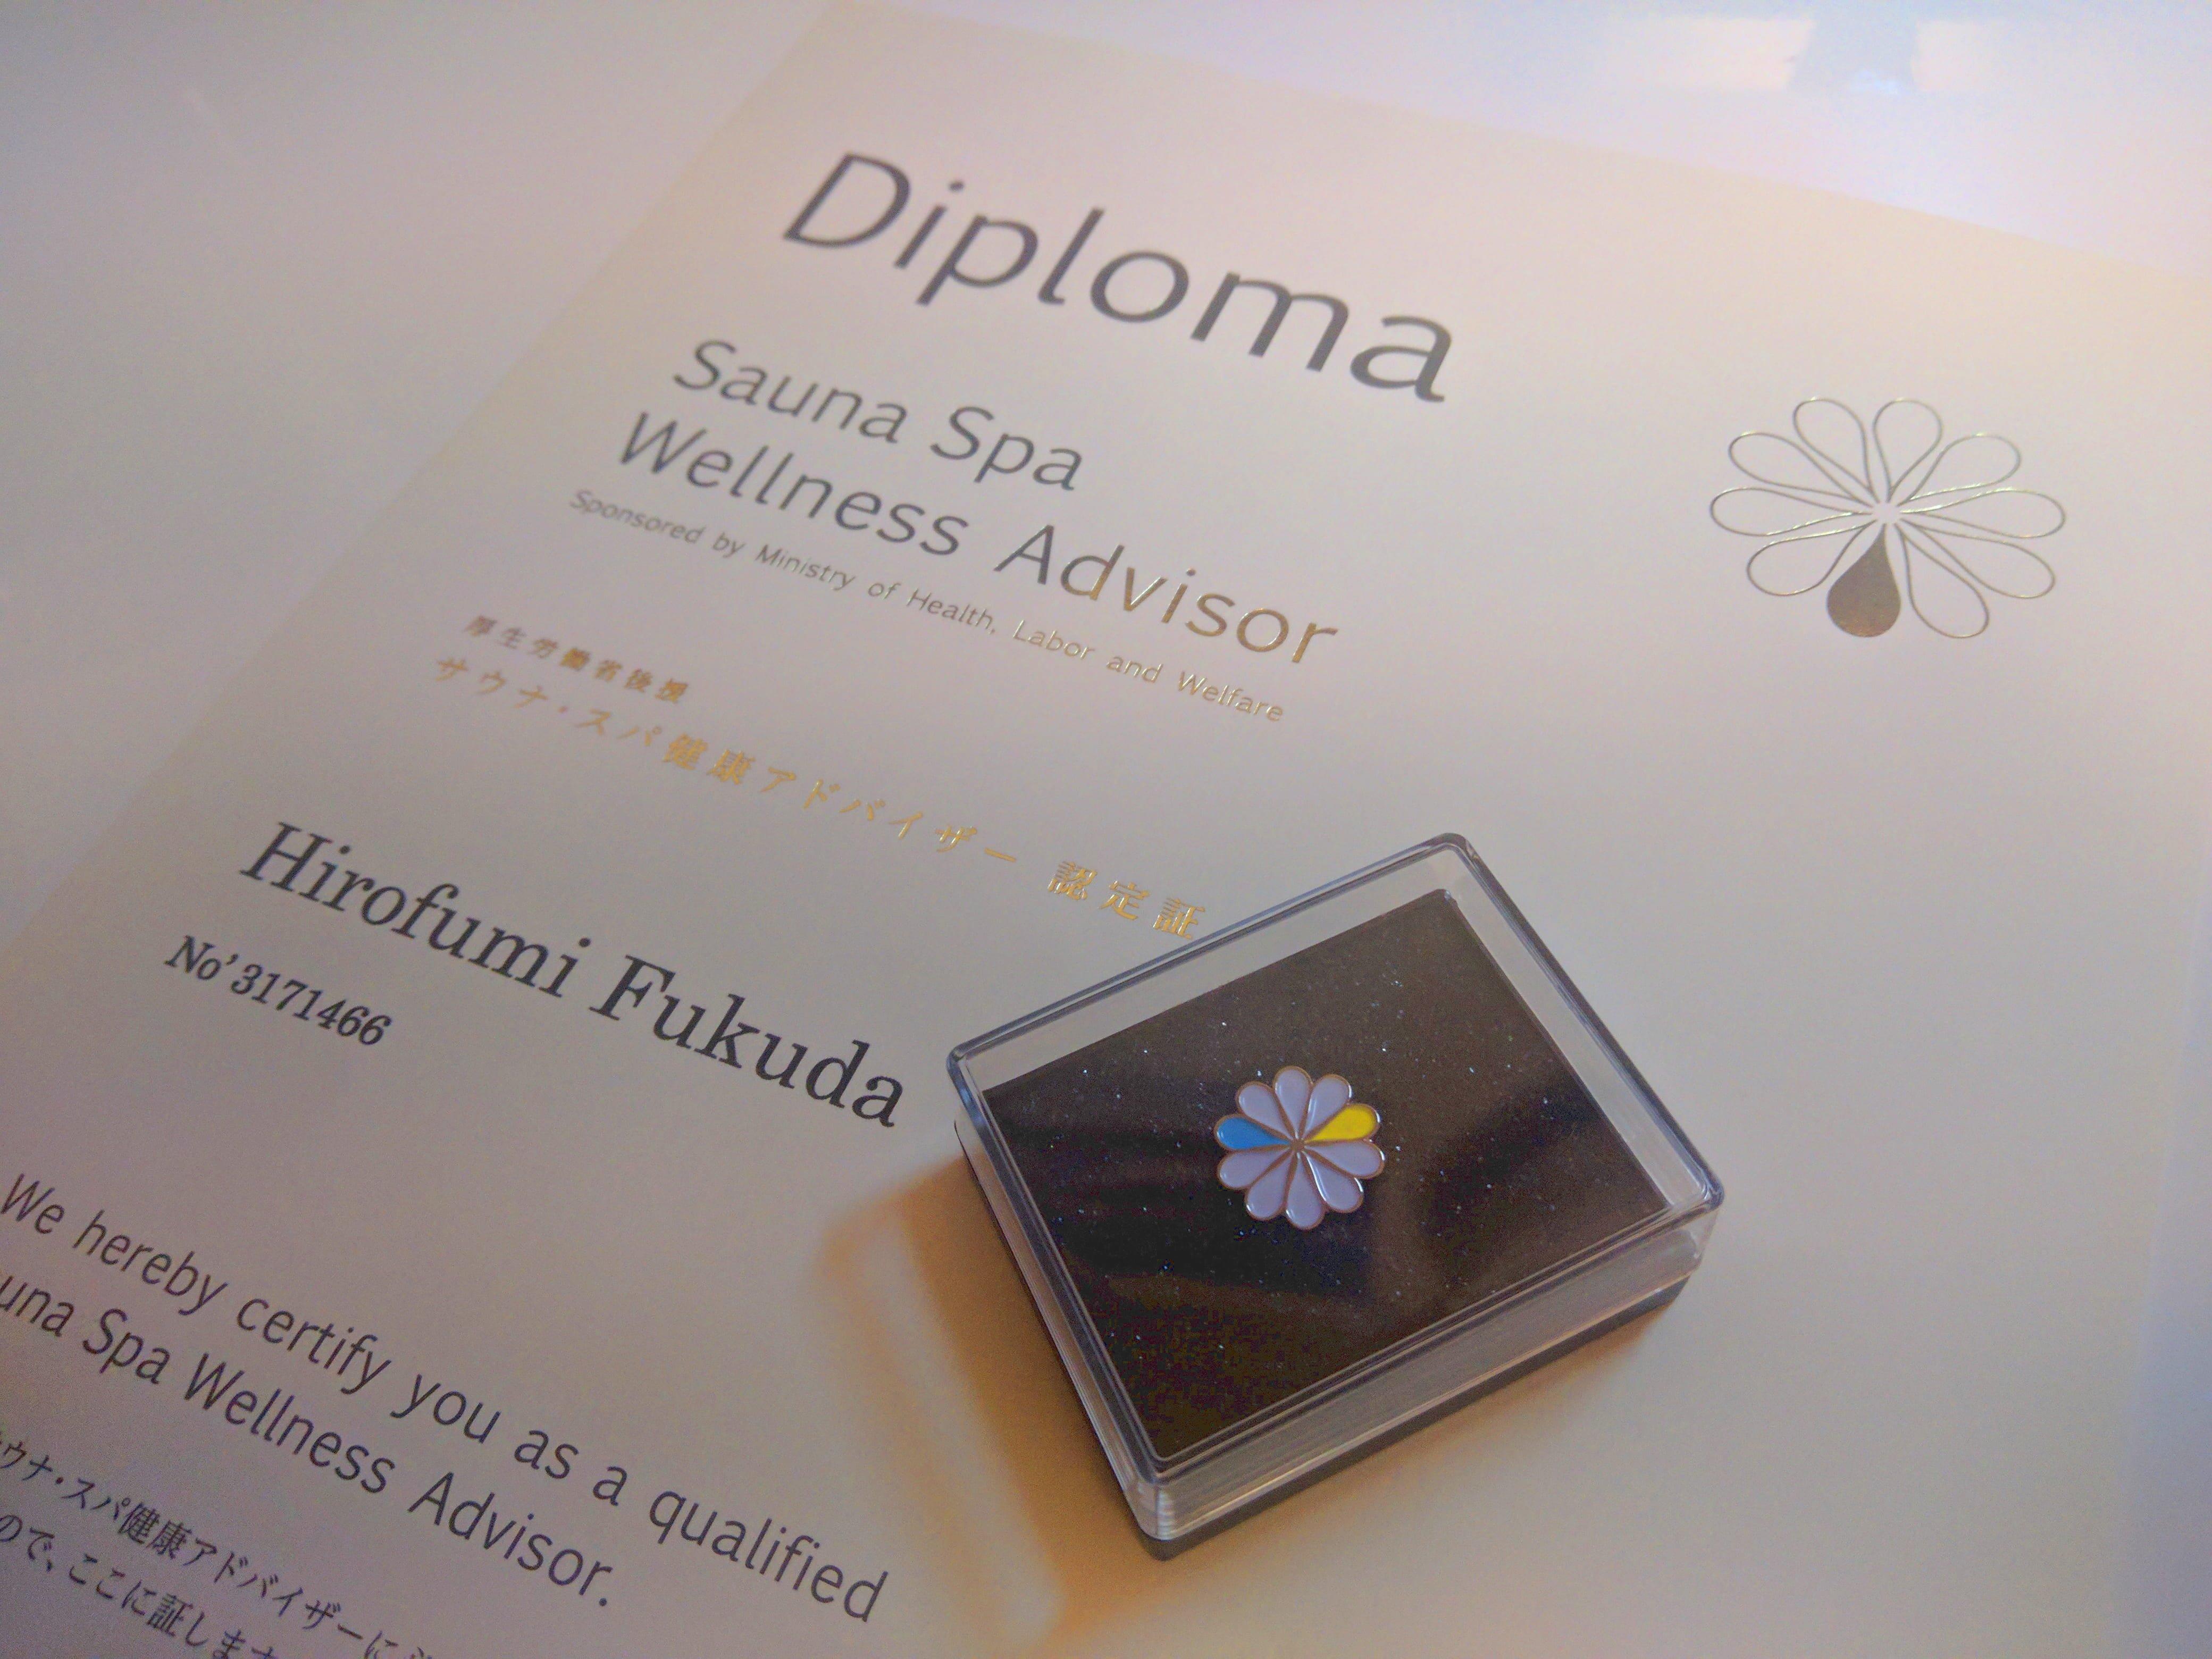 サウナ・スパ健康アドバイザーの資格を取得しました